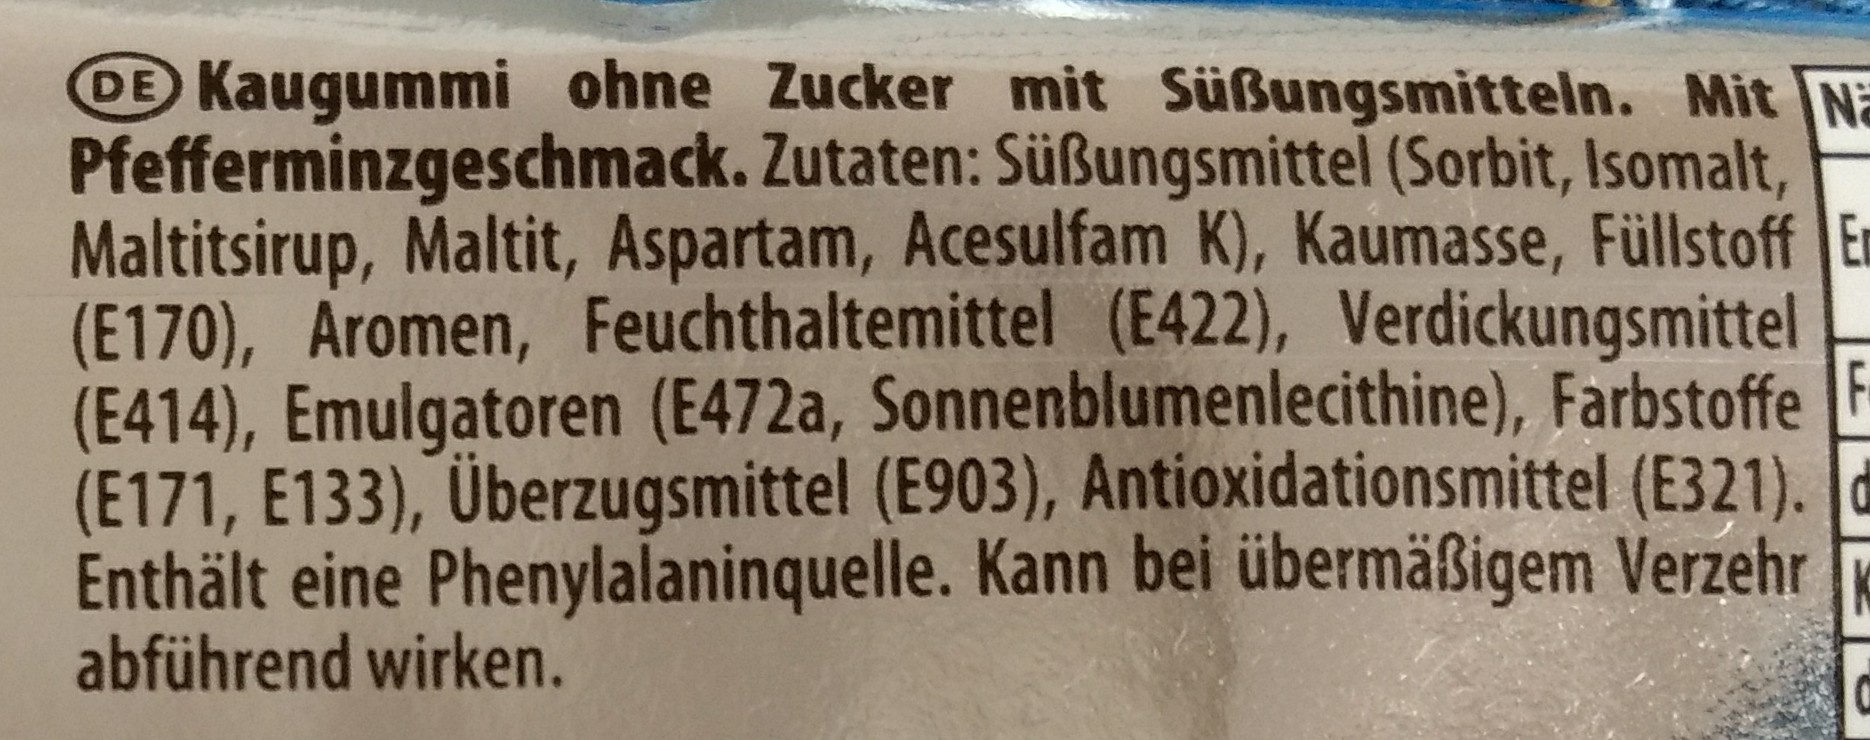 Kaugummi Peppermint flavour - Inhaltsstoffe